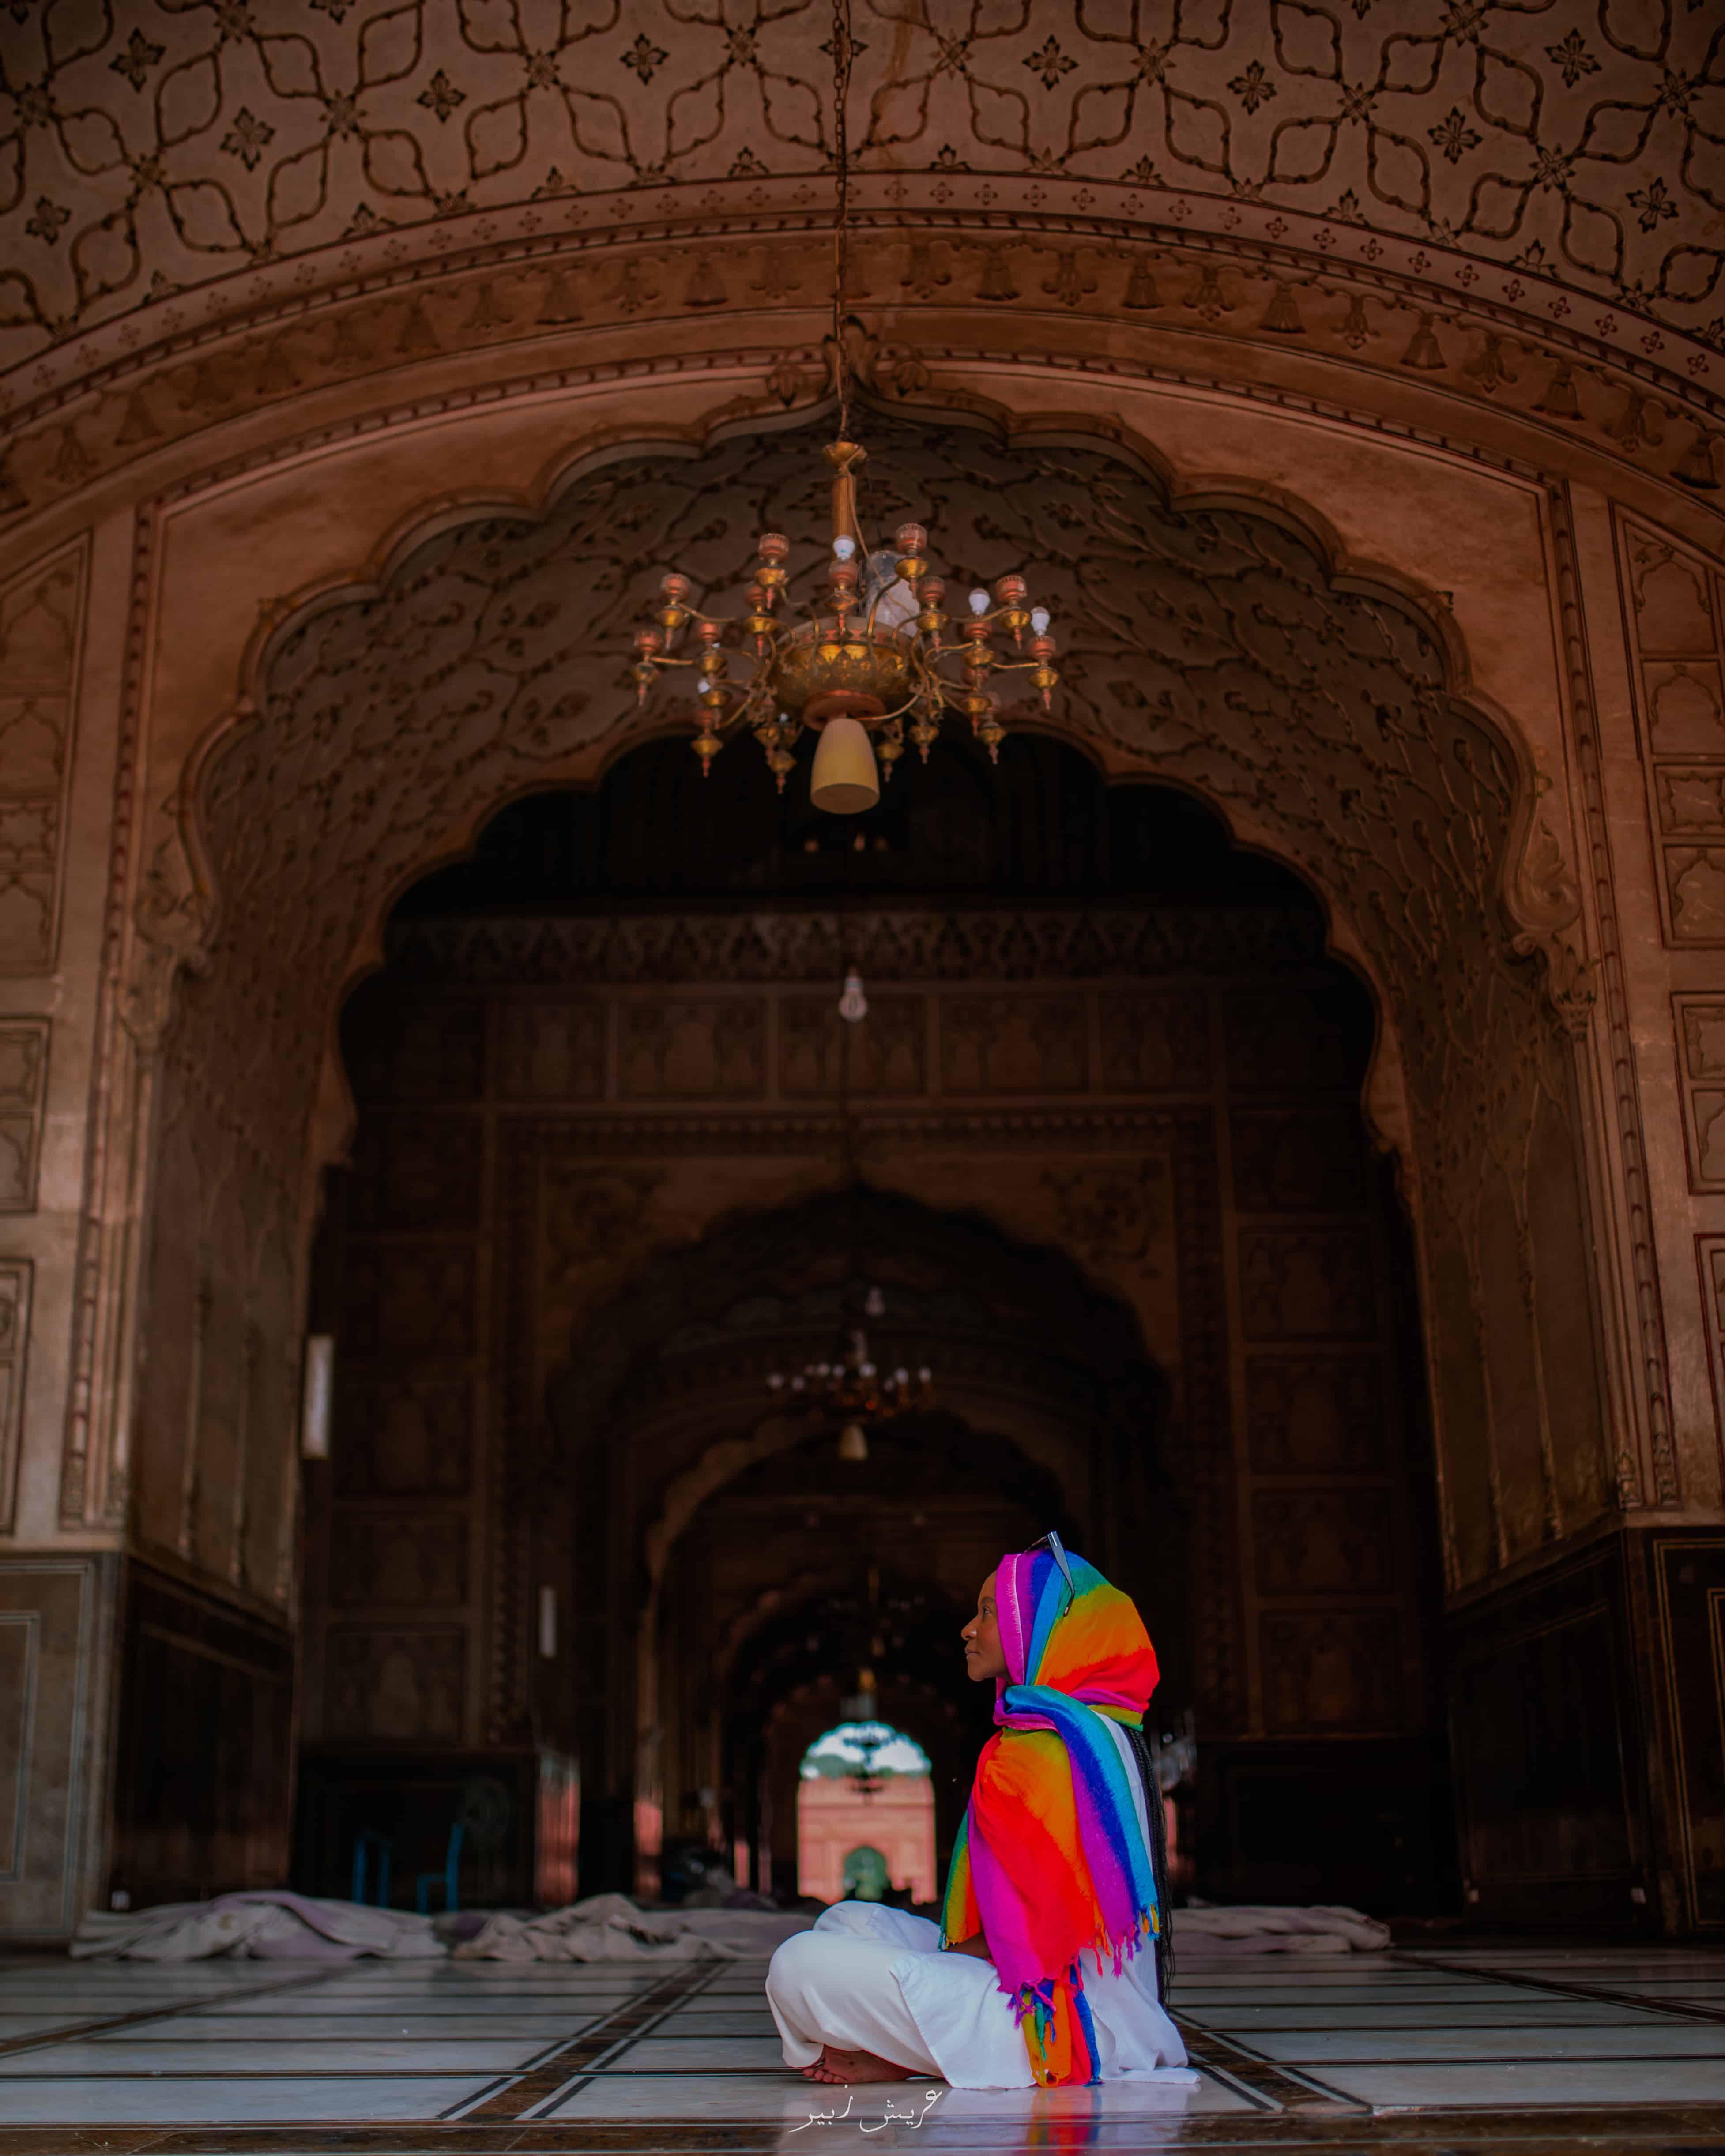 Interior decoration of the Badshahi Mosque